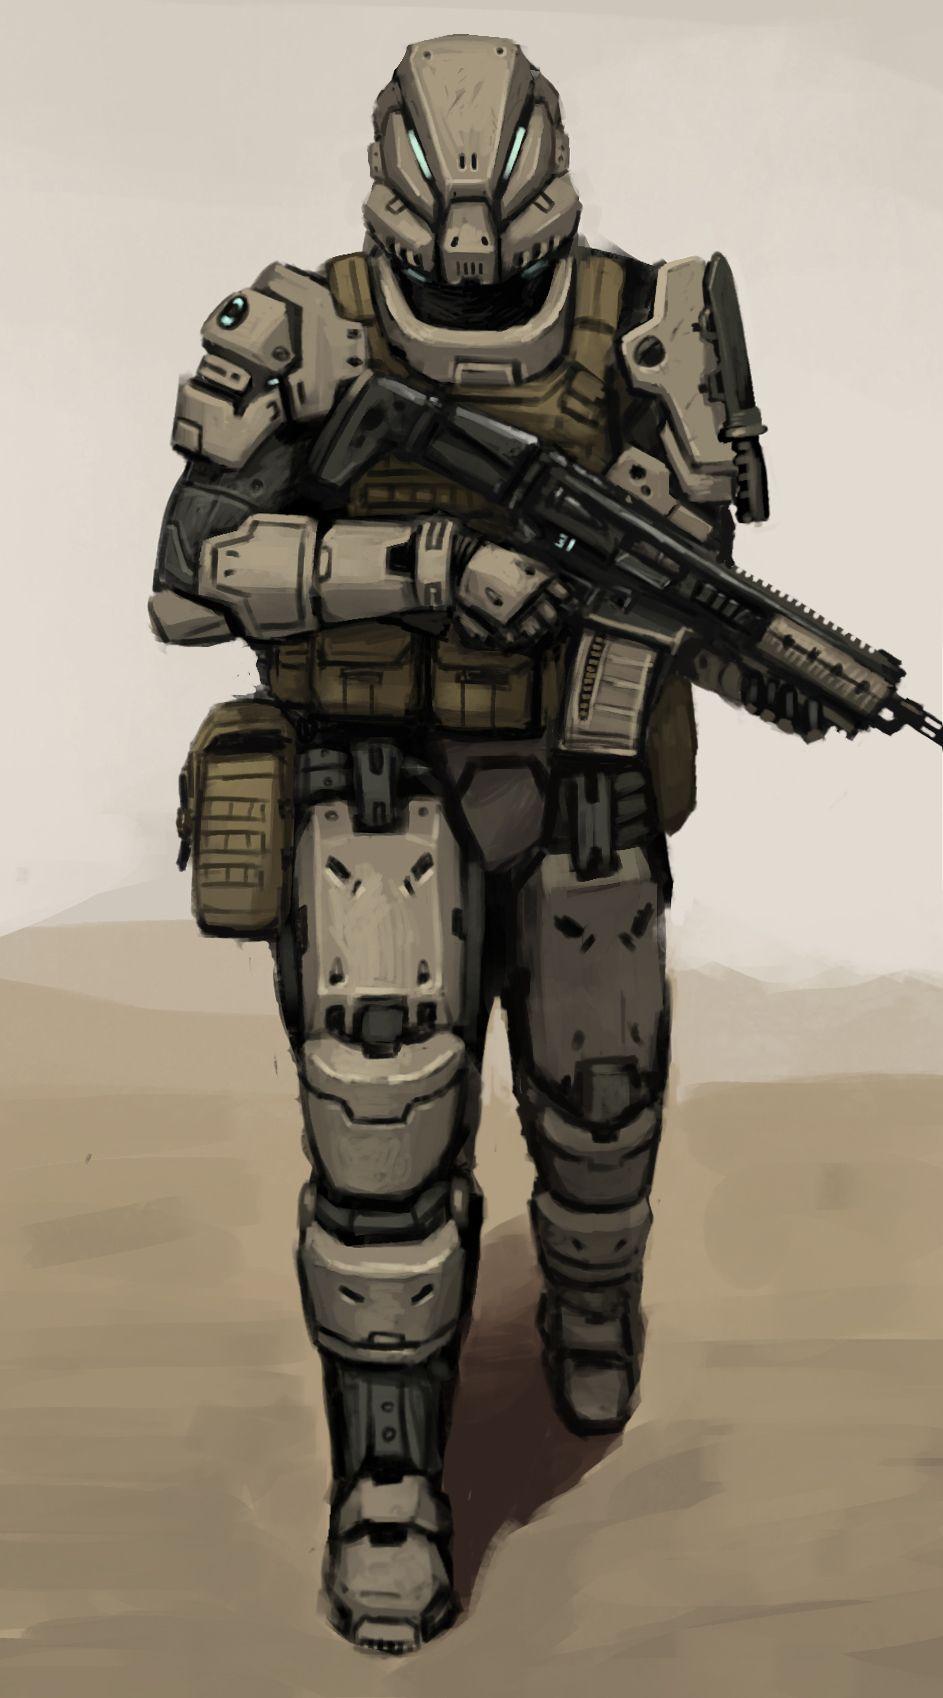 Spec Ops Commando Fonteart Deviantart Cyberpunk In